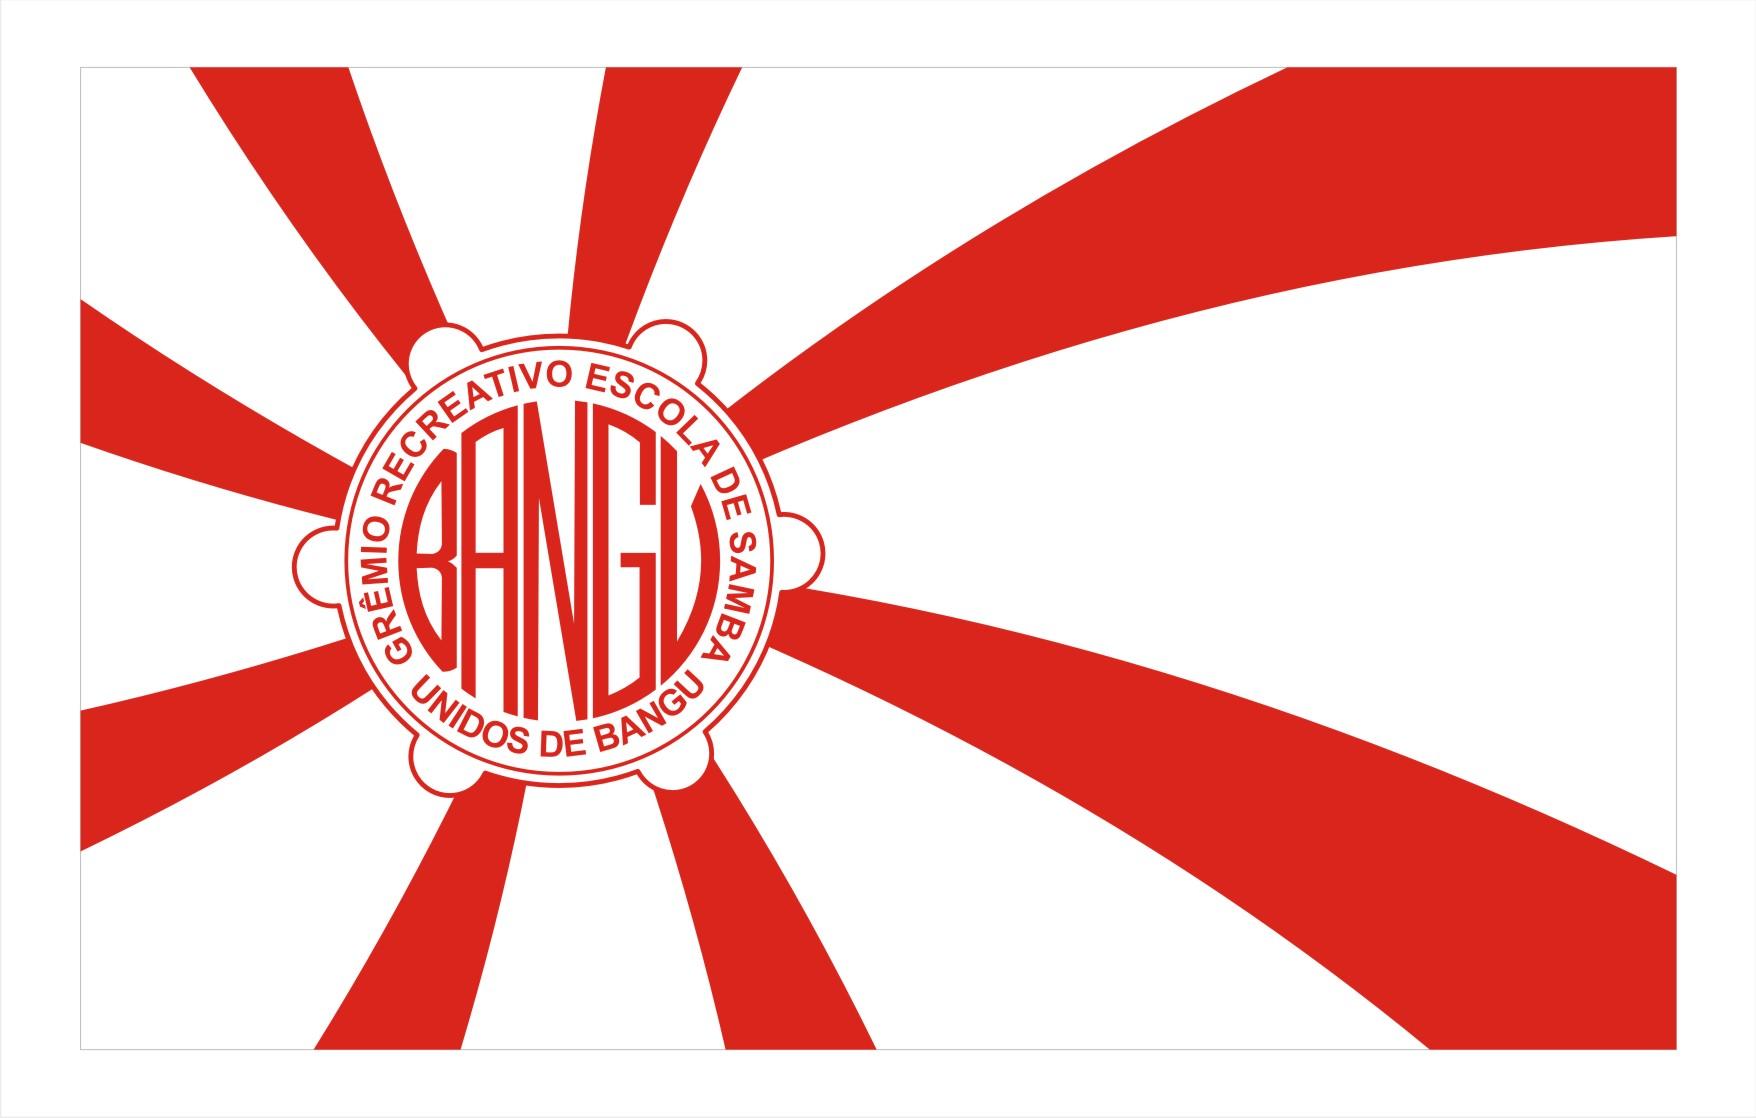 Unidos de Bangu lançará enredo nesta sexta, dia 26